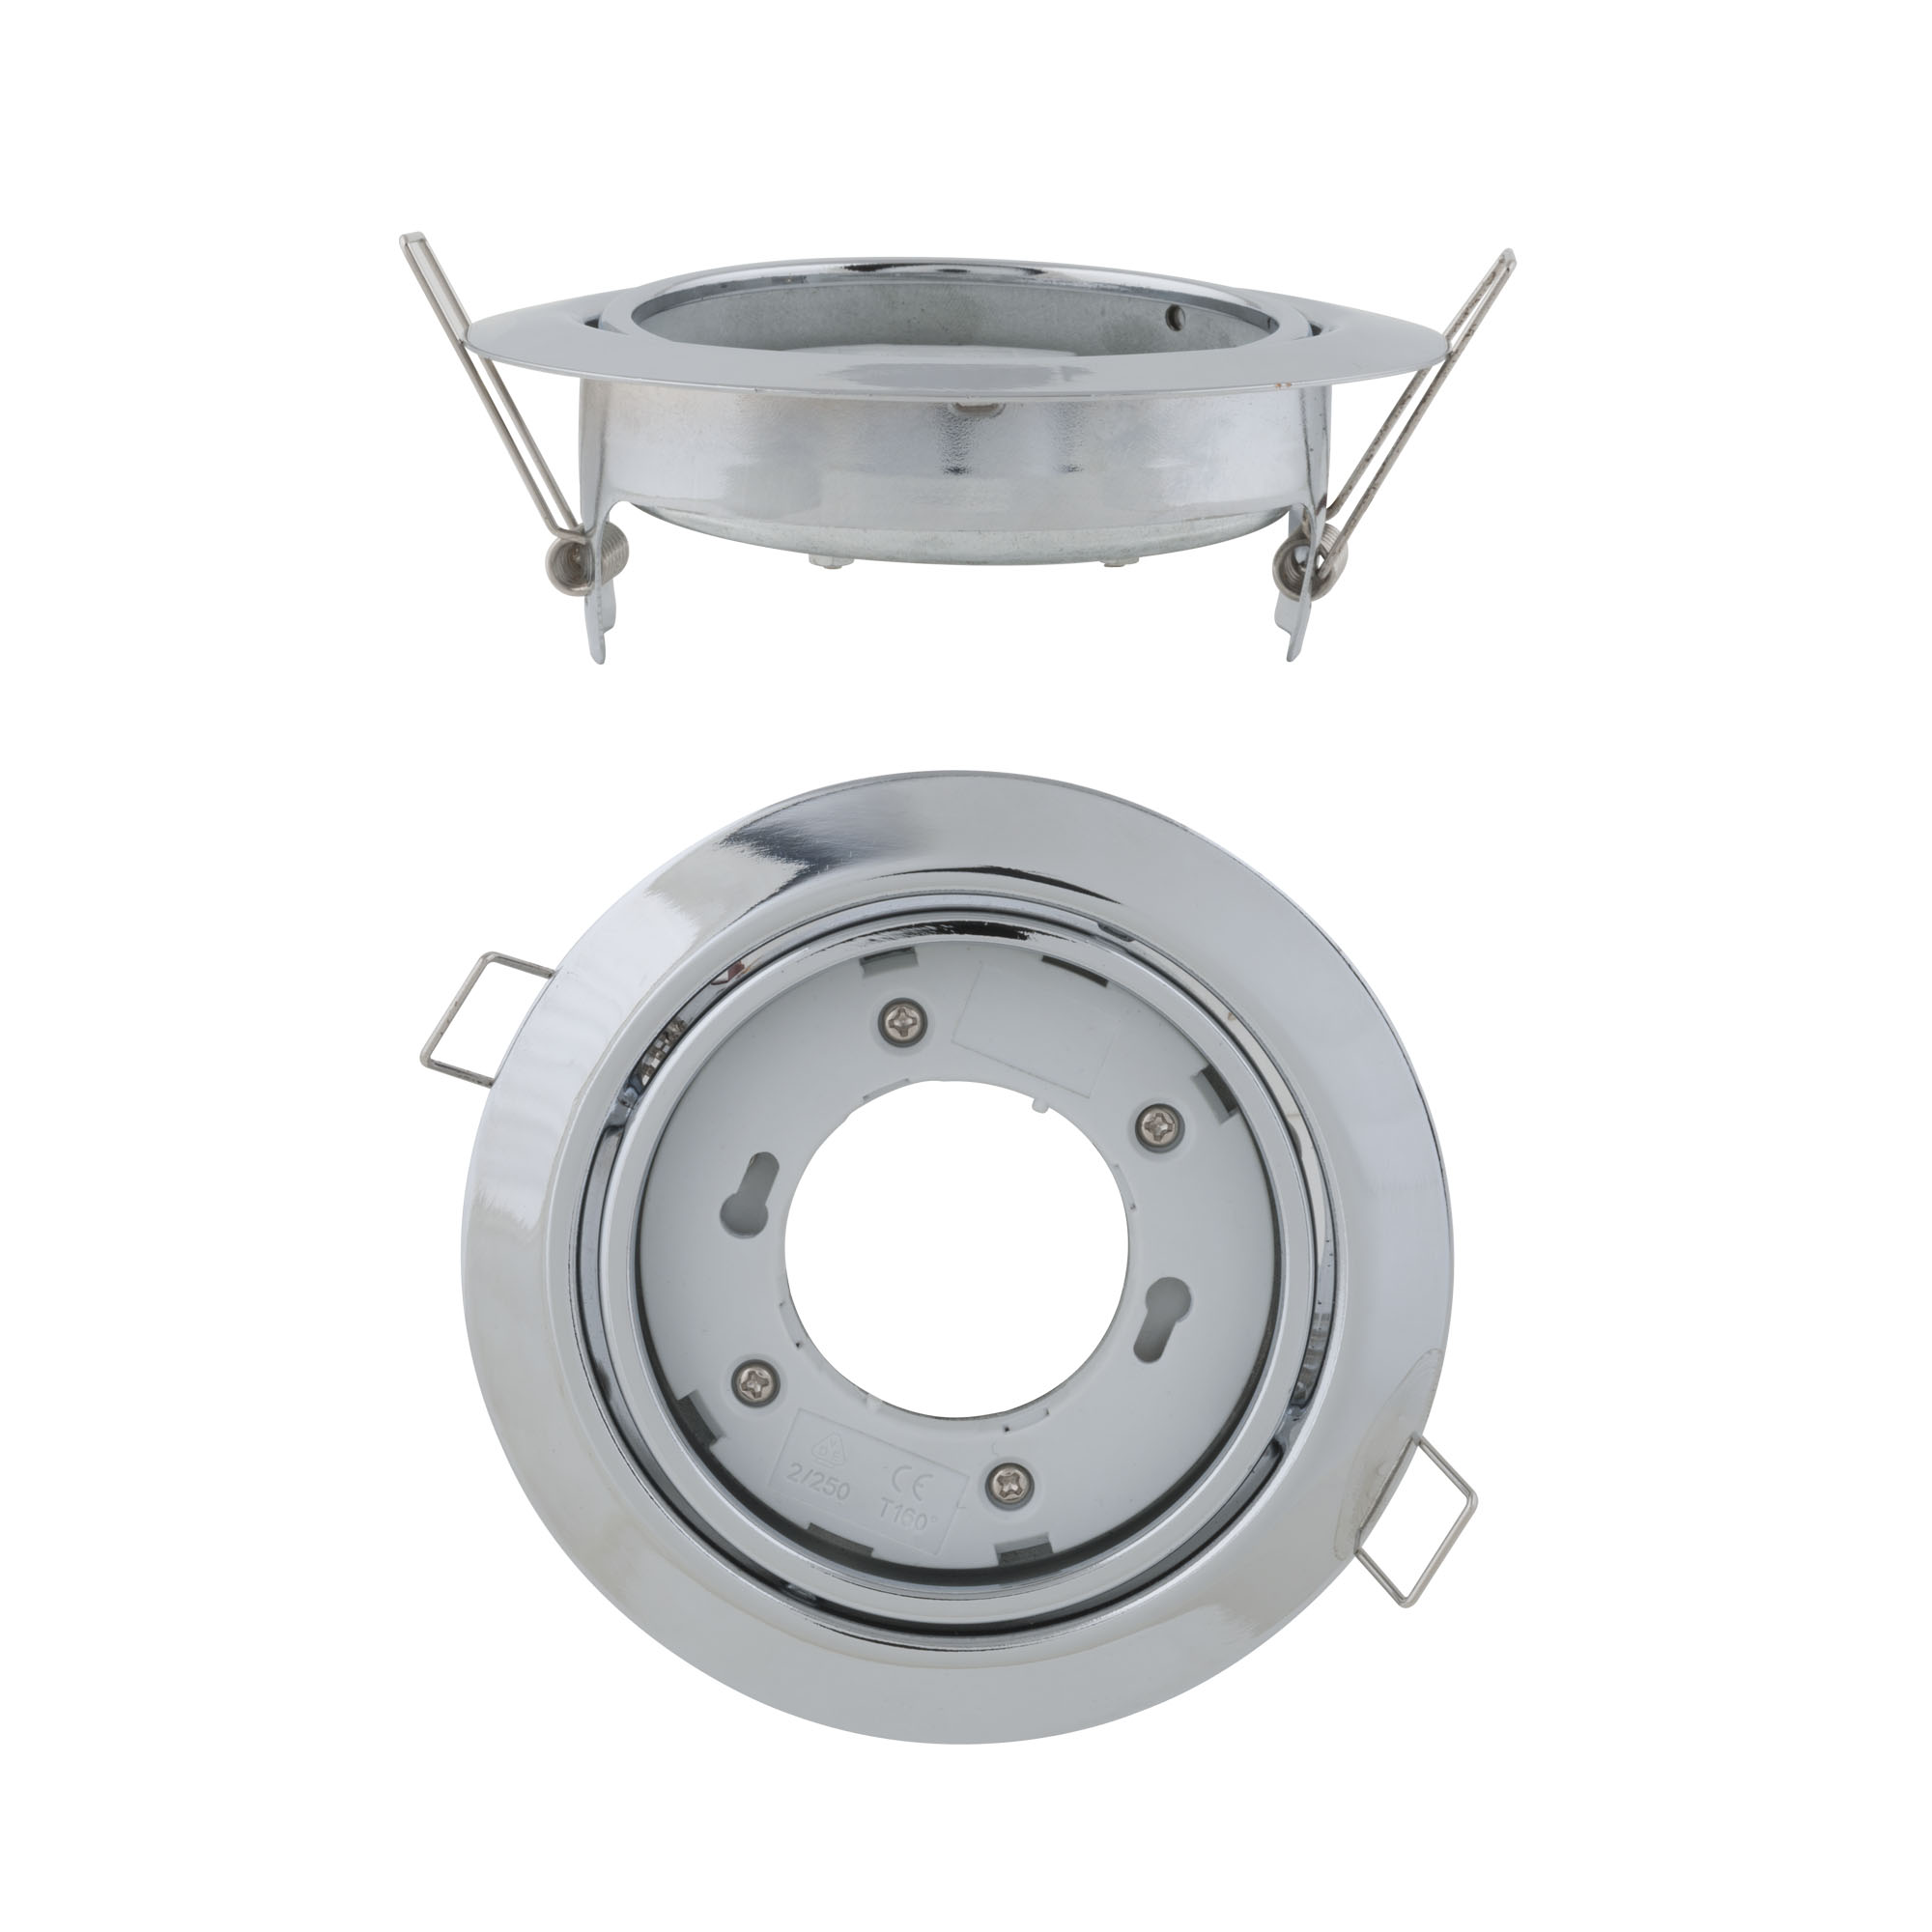 Светильник встраиваемый Uniel Gx53/h5-m silver 1 prom